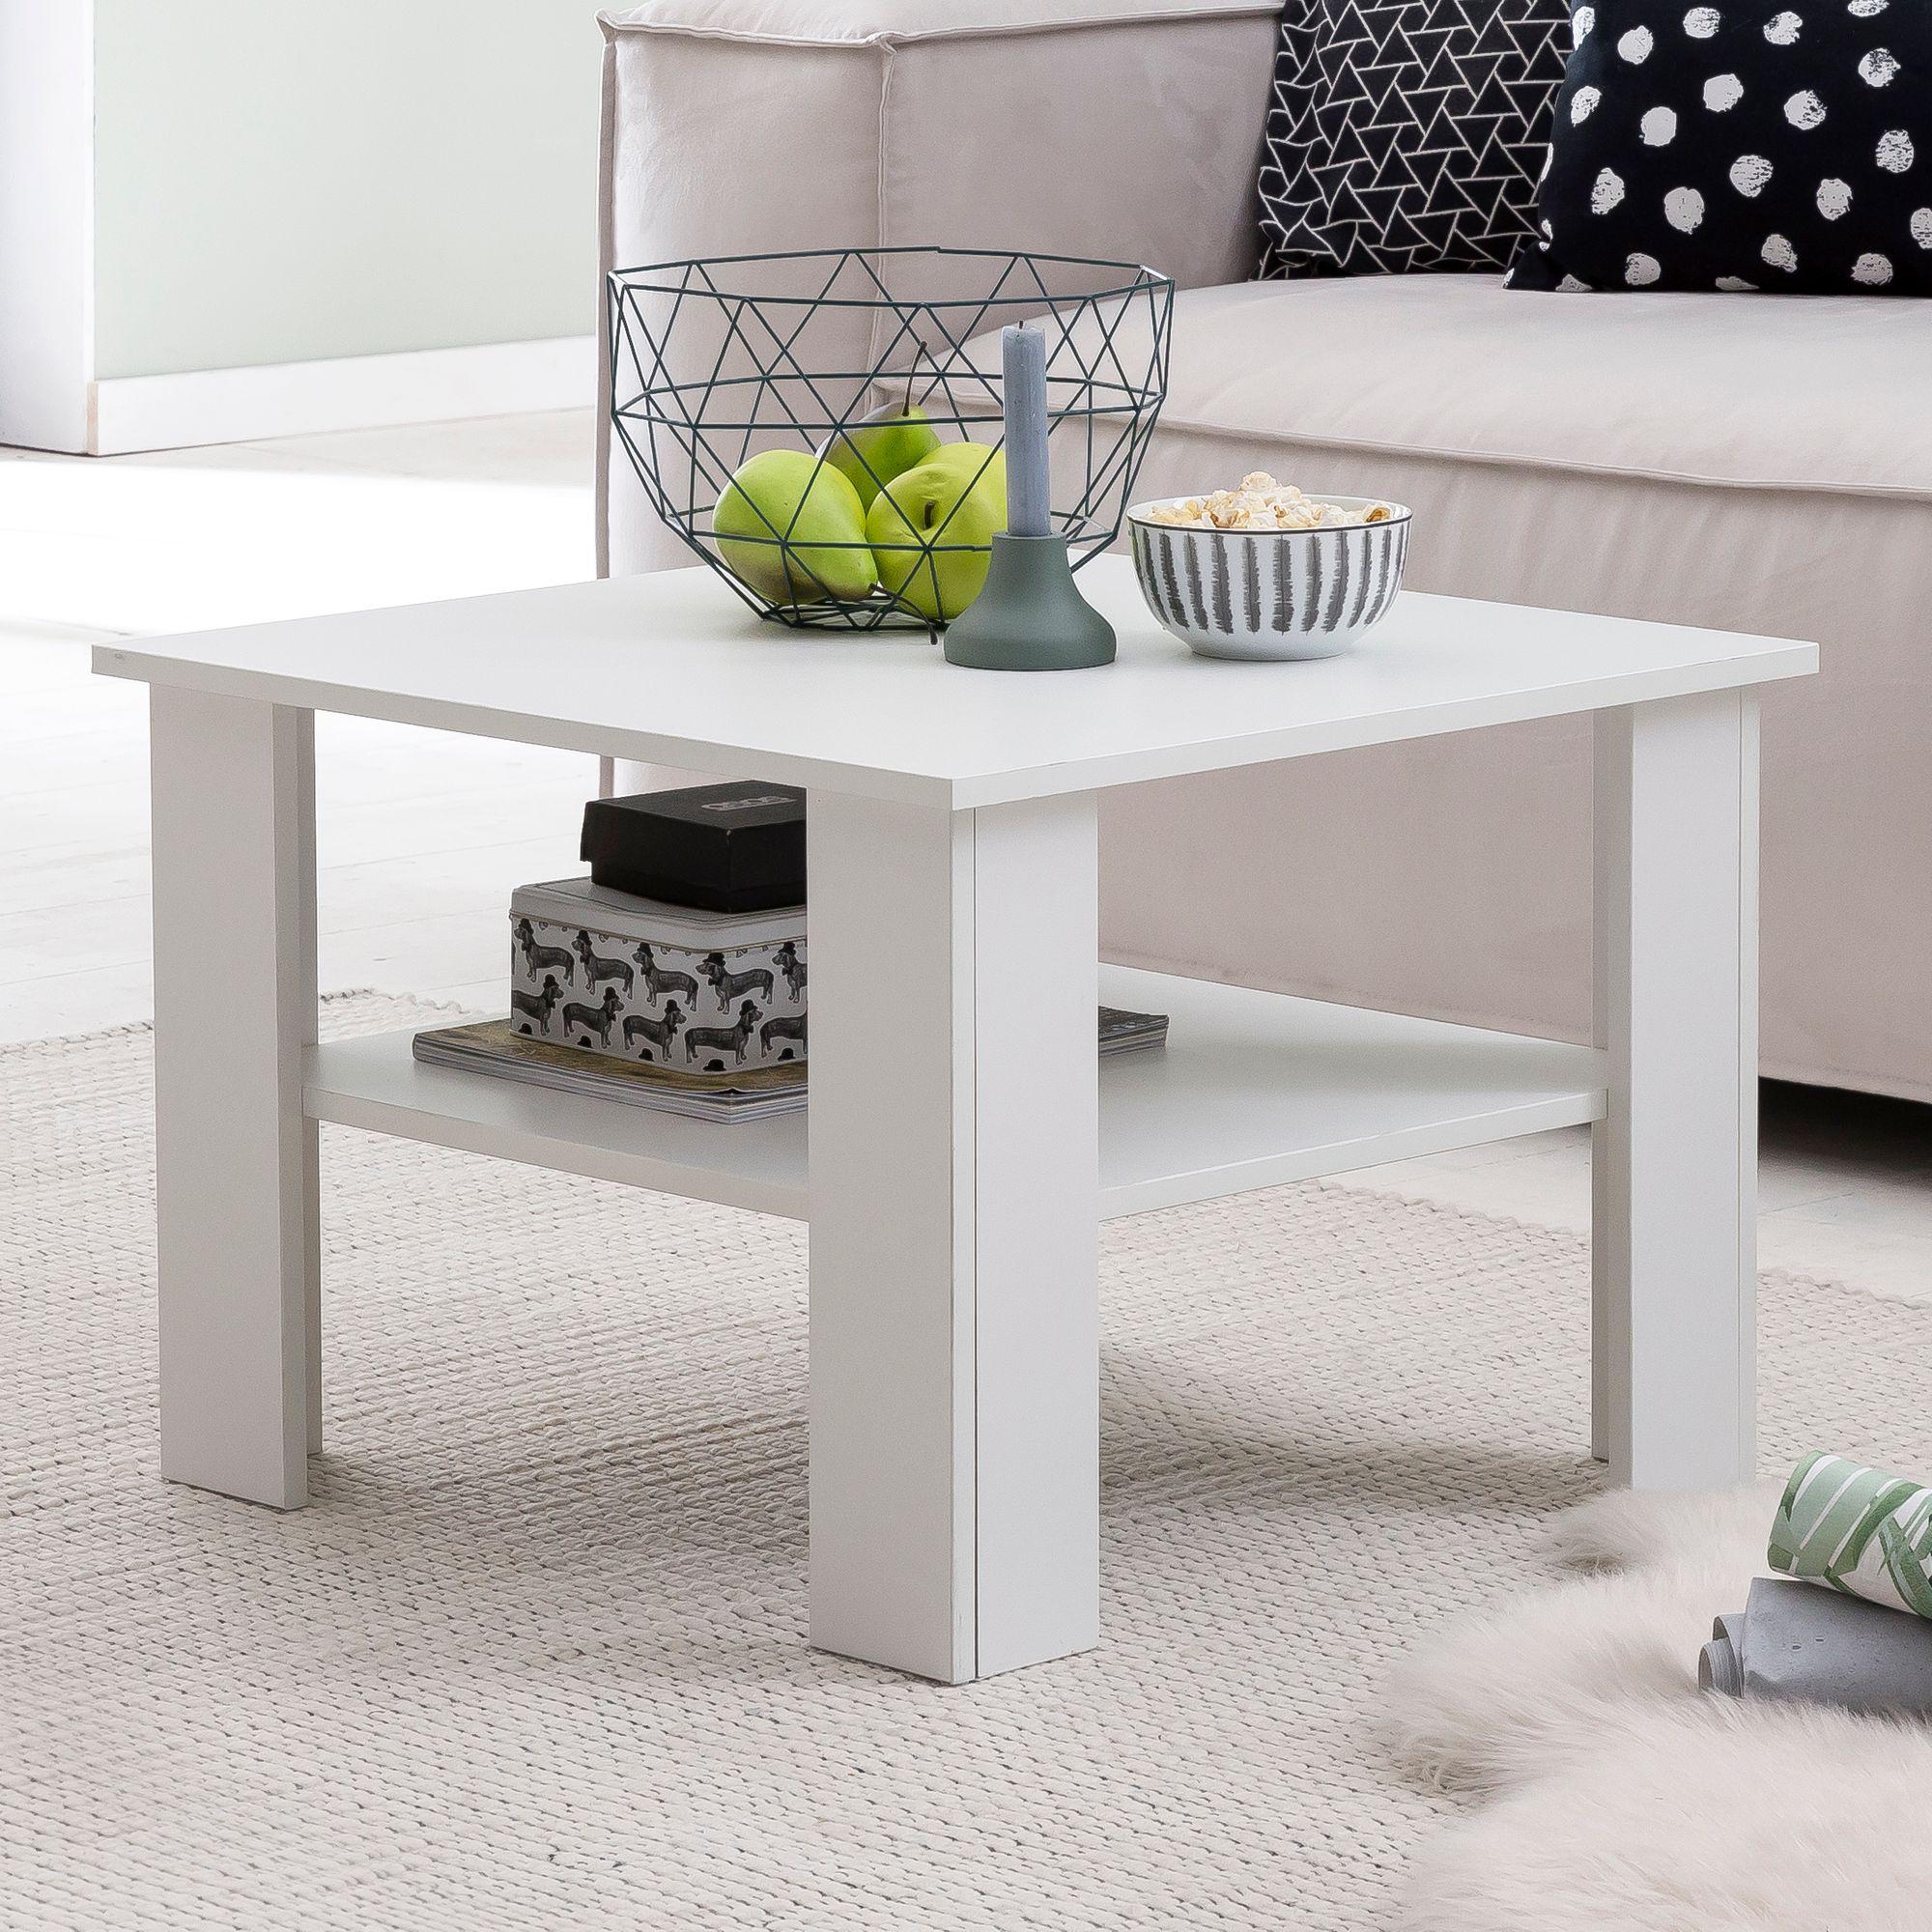 FineBuy Couchtisch SV45 Holz 45 x 45 x 45 cm Design Holztisch mit Ablage   Wohnzimmertisch Coffee Table  Sofatisch Loungetisch  Kaffeetisch